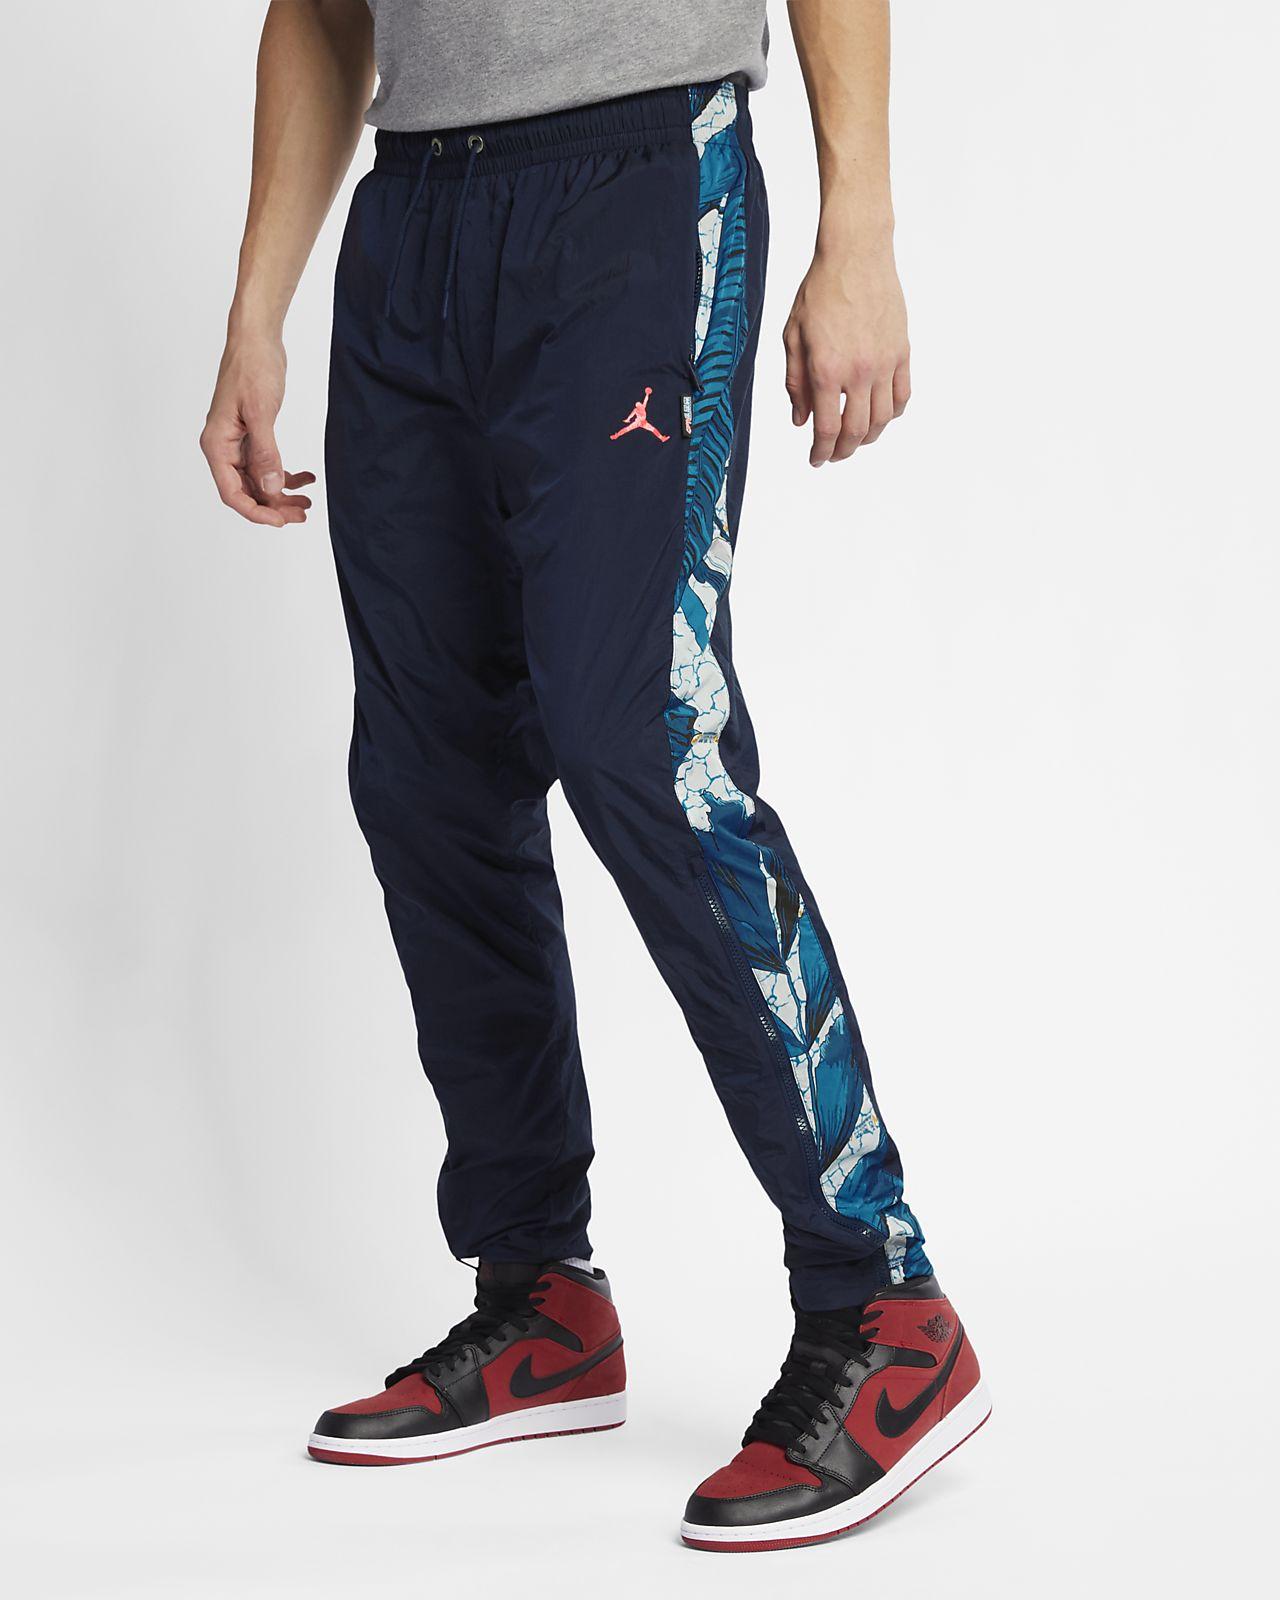 3fb64c5809ca87 Jordan x RW Flight Men s Trousers. Nike.com GB